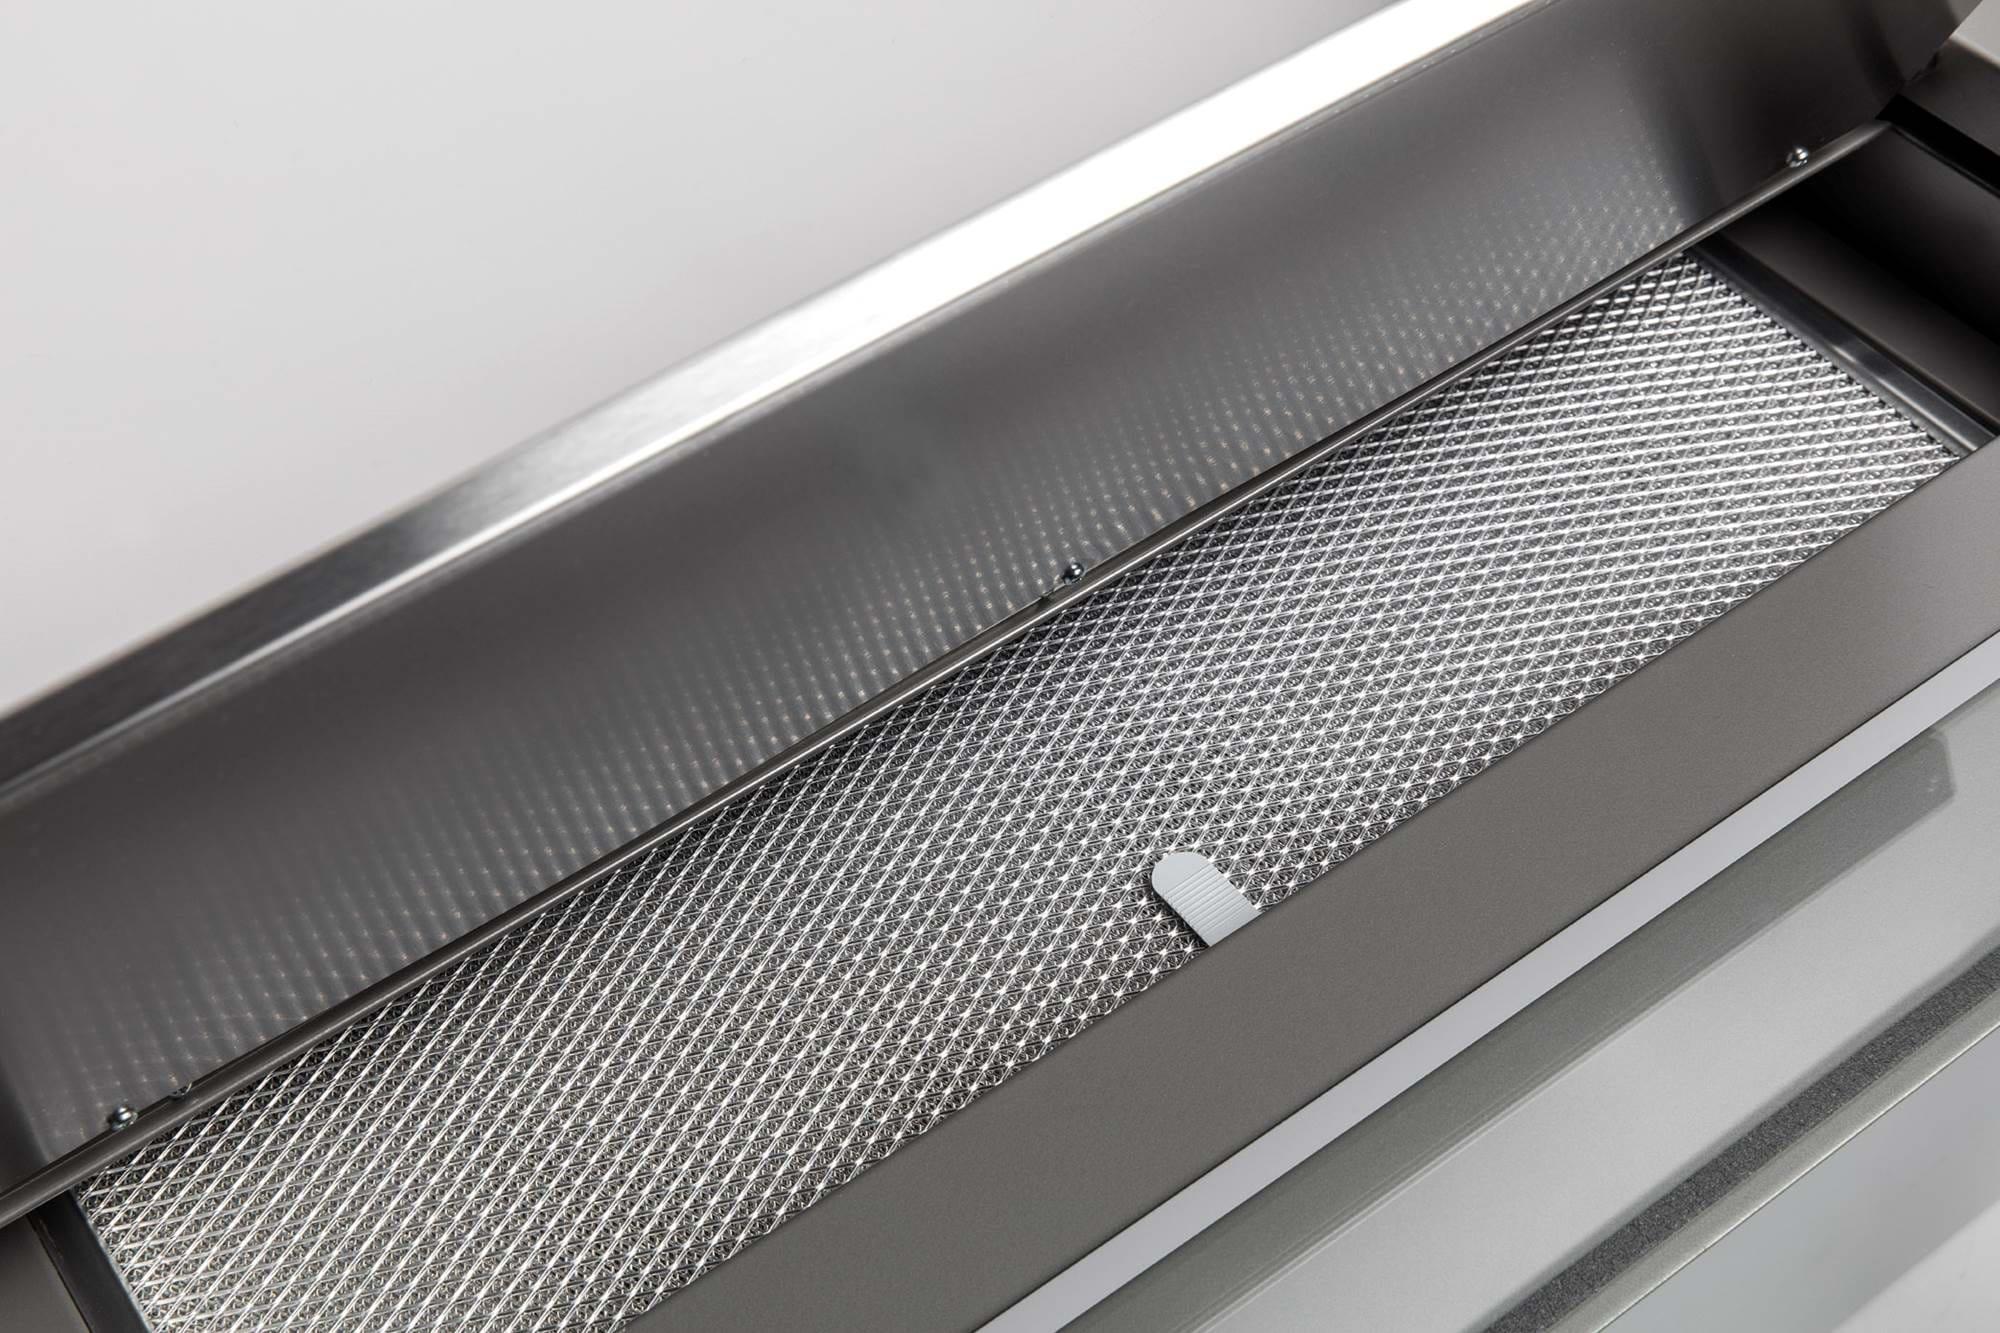 hotte novy pianos-et-fourneaux.com hottes-tiroir détail